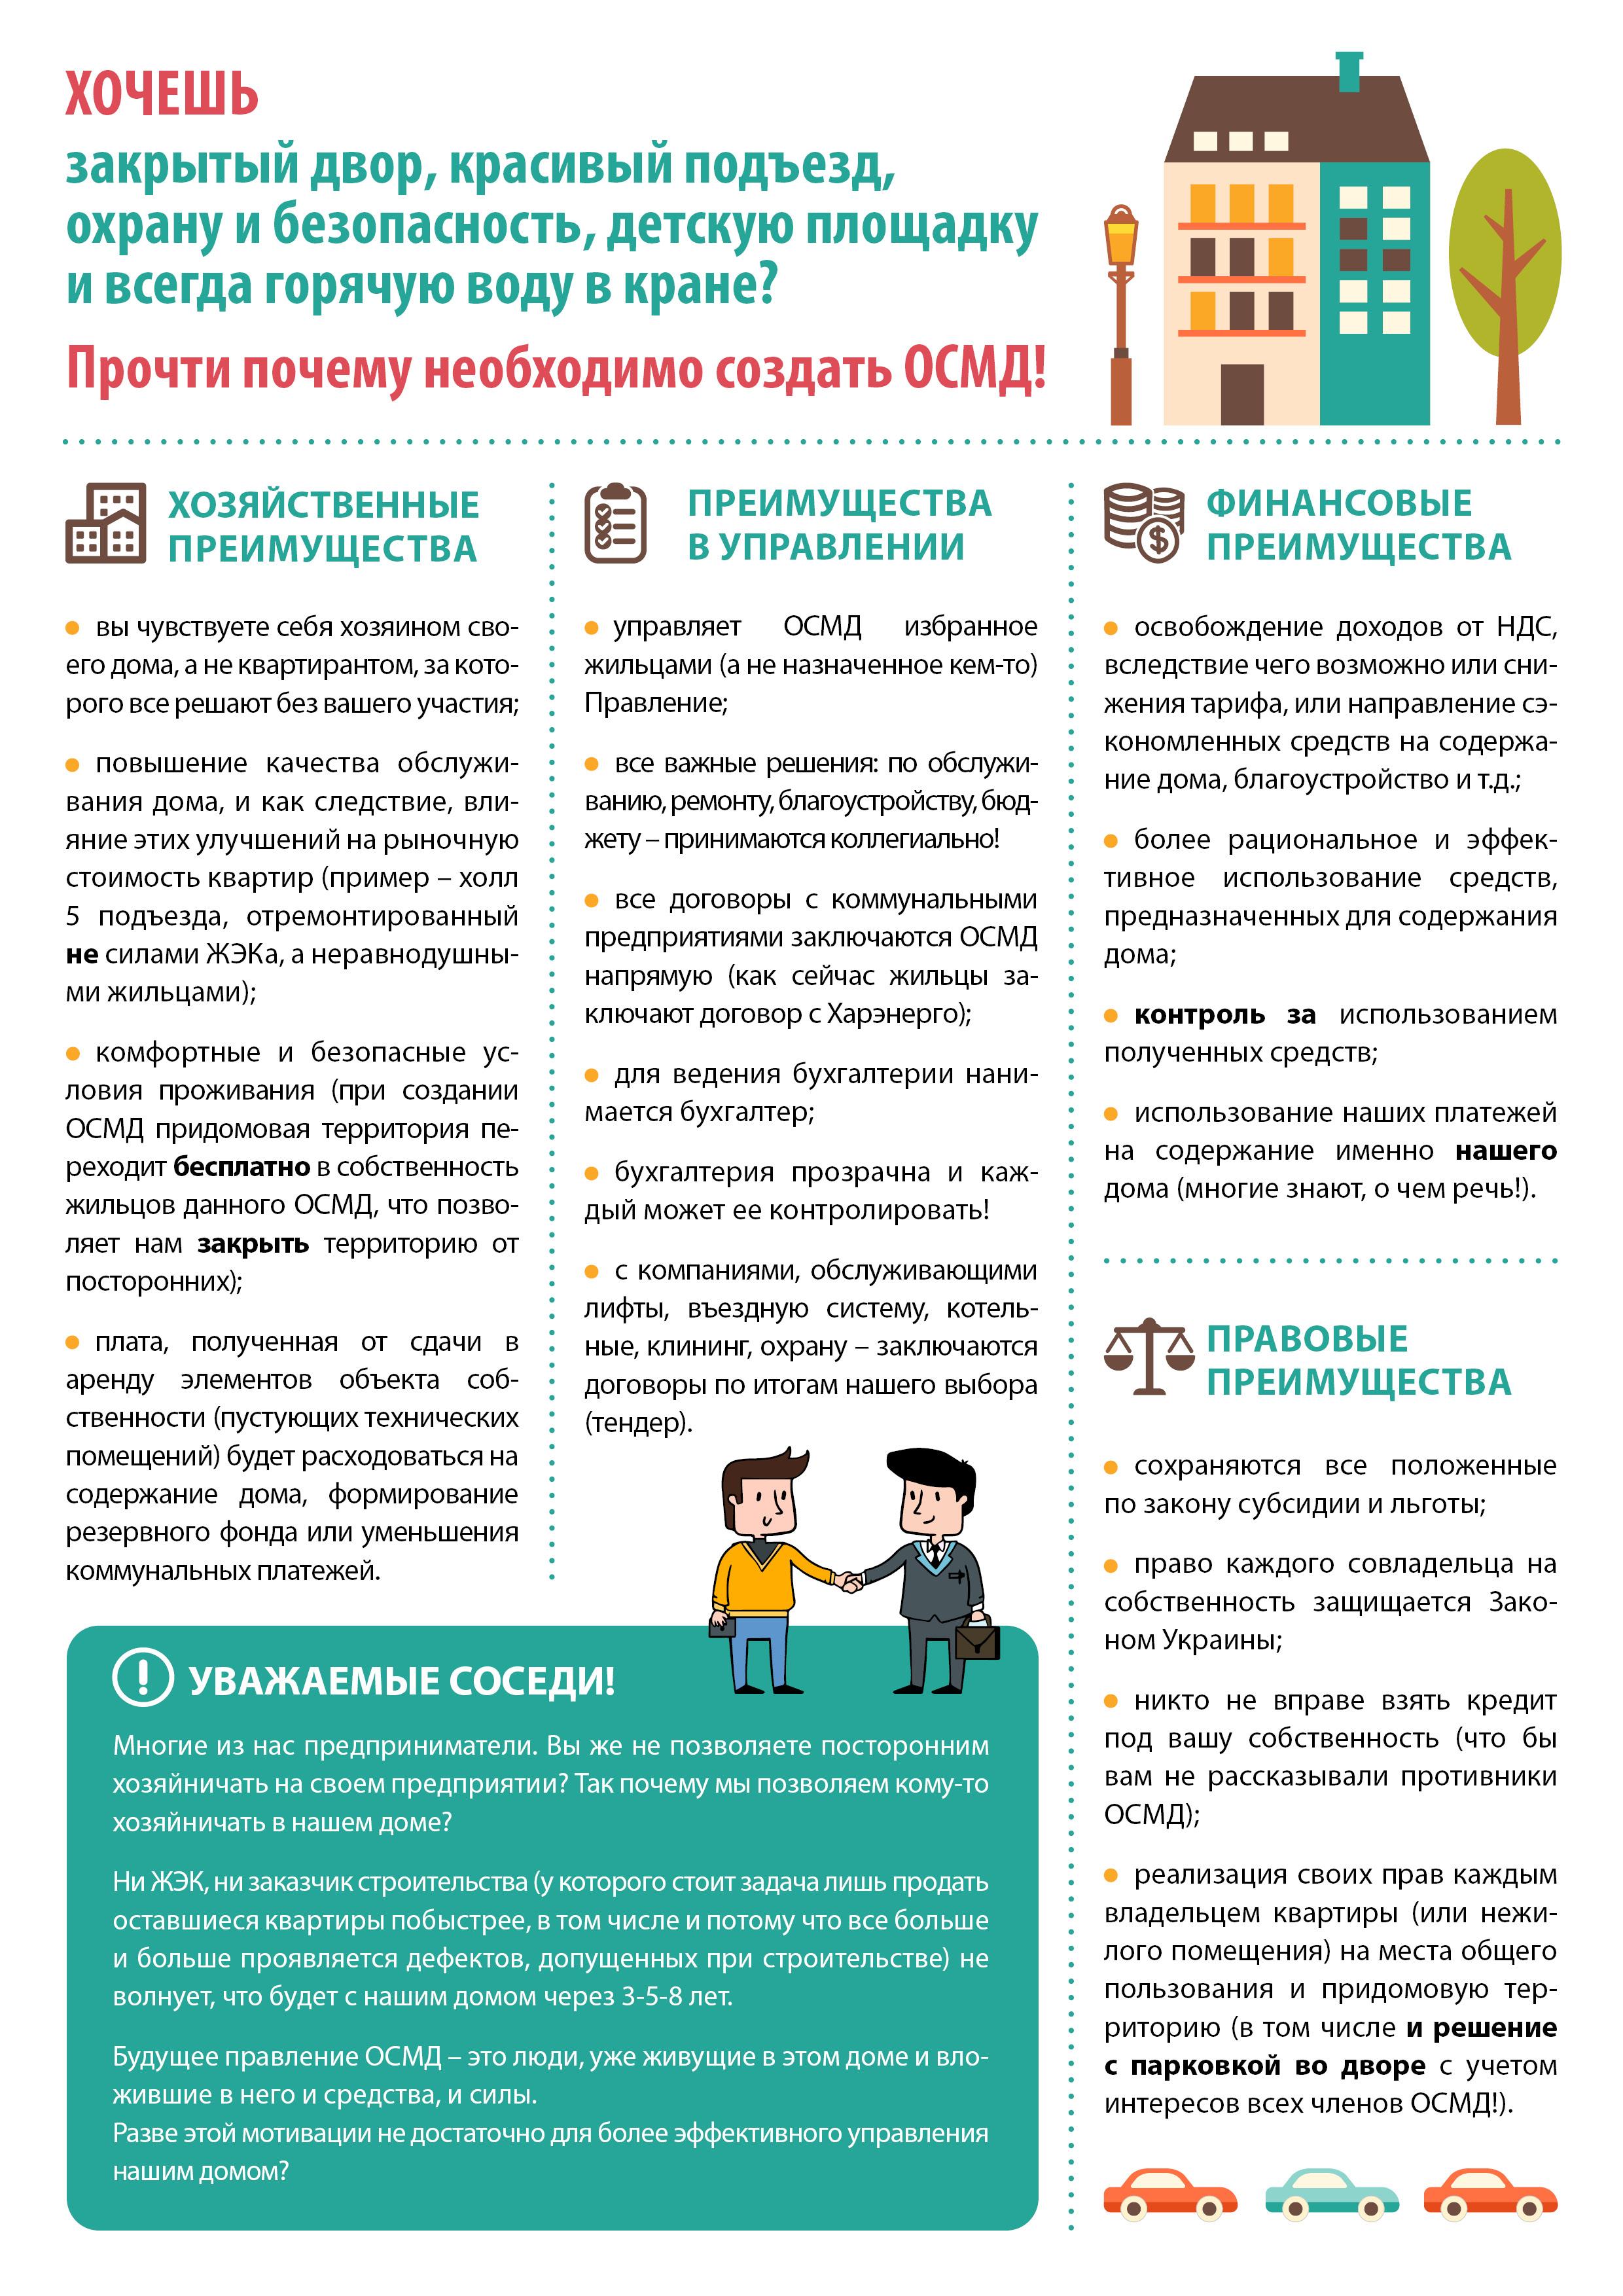 Фото Разработка информационного плаката для ОСМД (Харьков).